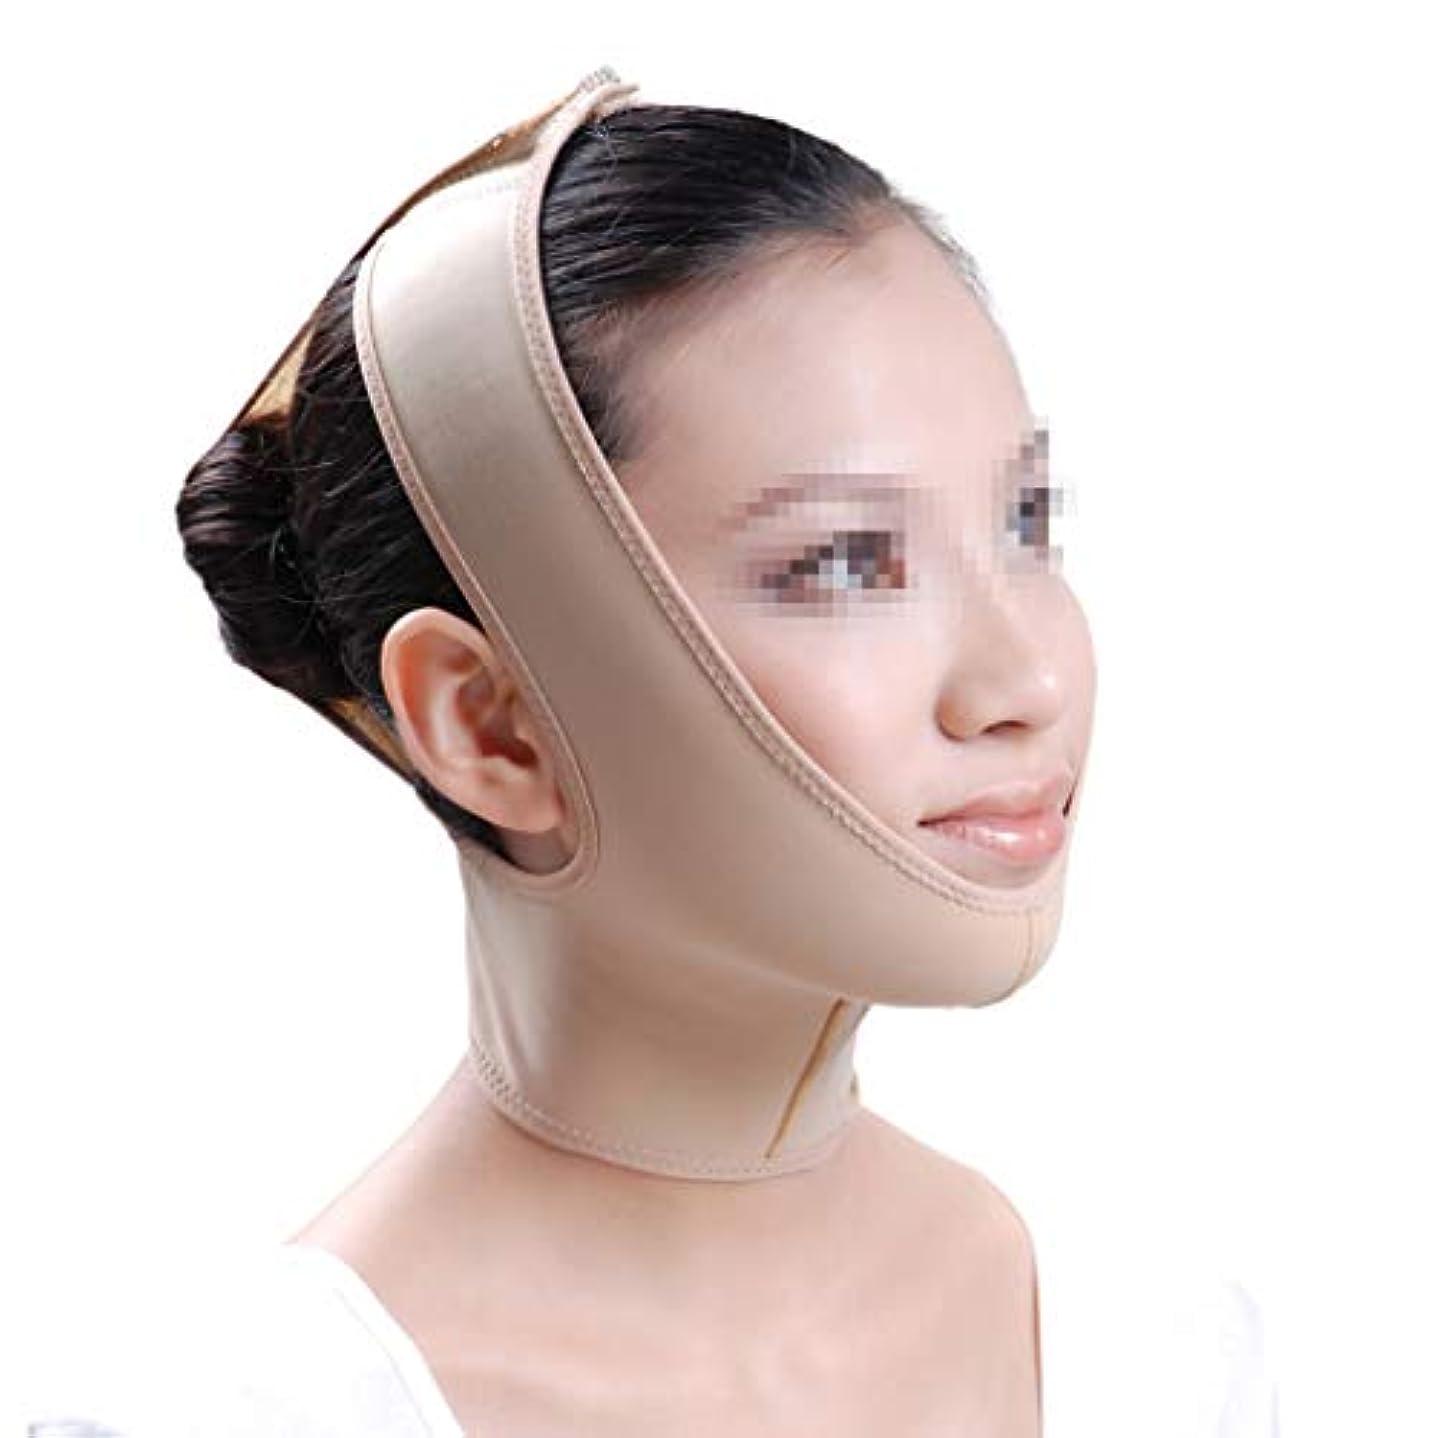 アクセル名誉黙フェイスリフトマスク、ジョーネックスリーブネックダブルチンフェイス医療脂肪吸引術創傷フェイスマスクヘッド弾性スリーブ (Size : M)